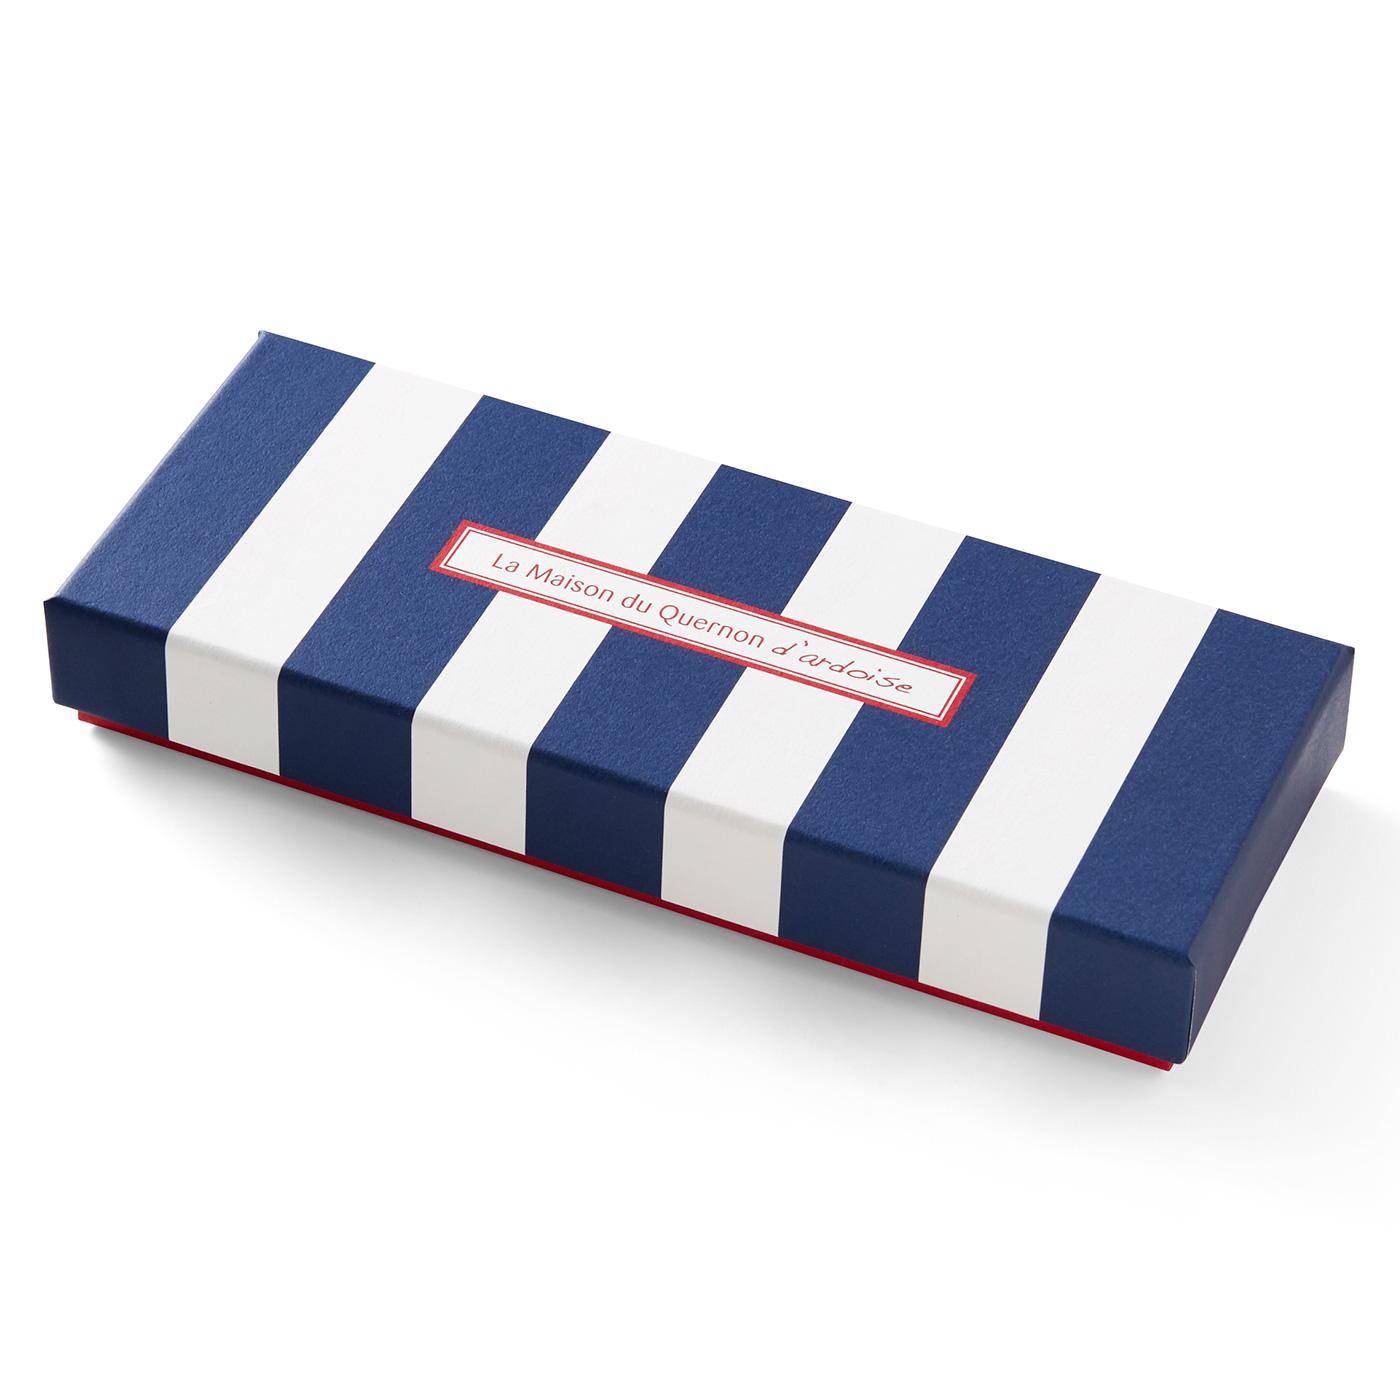 かわいいパッケージでお届け。 ※パッケージのデザインは変わる場合があります。